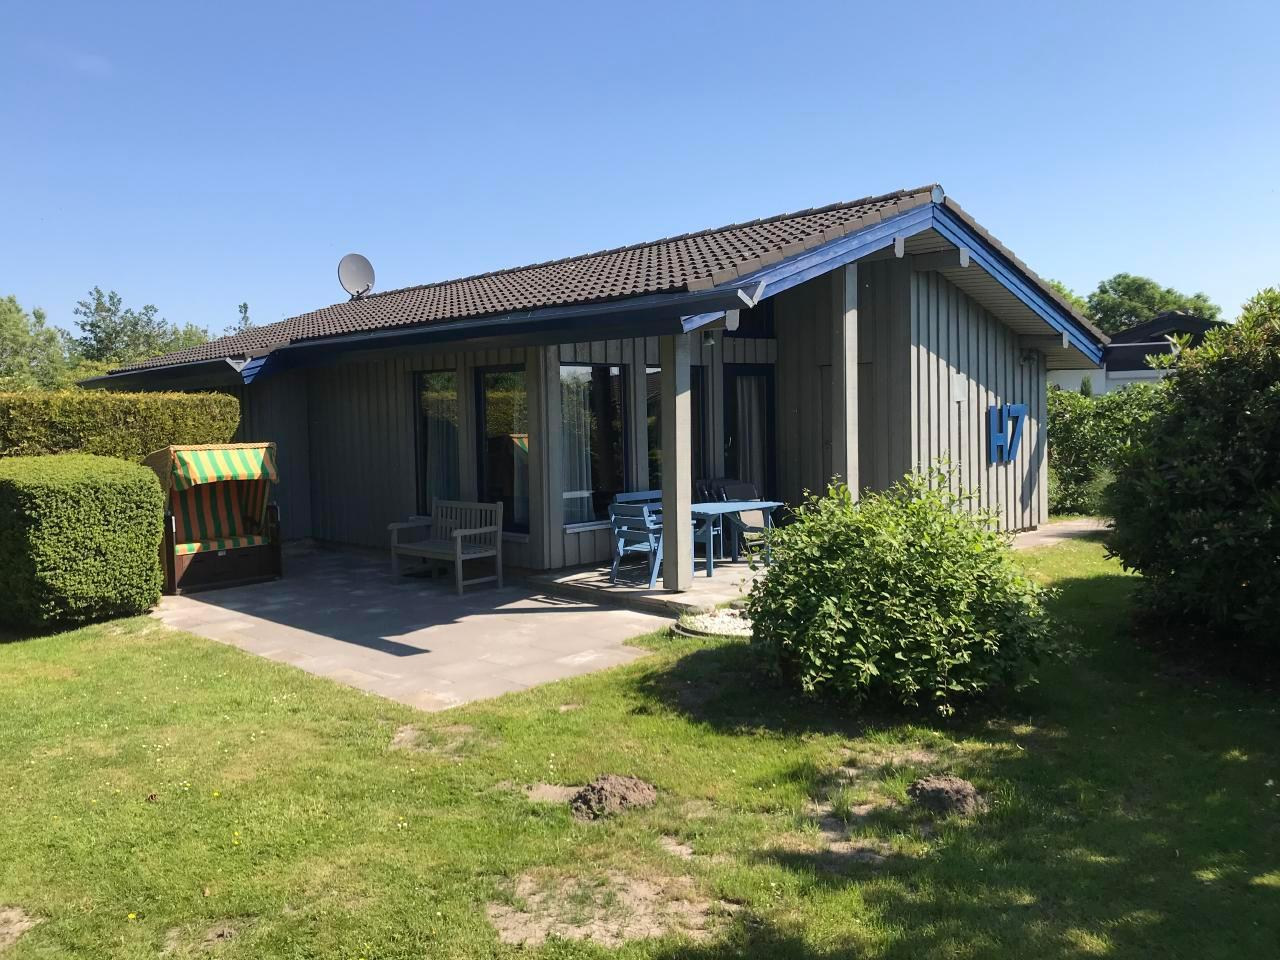 Holiday house Freistehendes Holz-Ferienhaus auf eigenem Grundstück direkt Nordsee im Feriendorf Eckwarde (76468), Eckwarderhörne, Jade Bight, Lower Saxony, Germany, picture 2